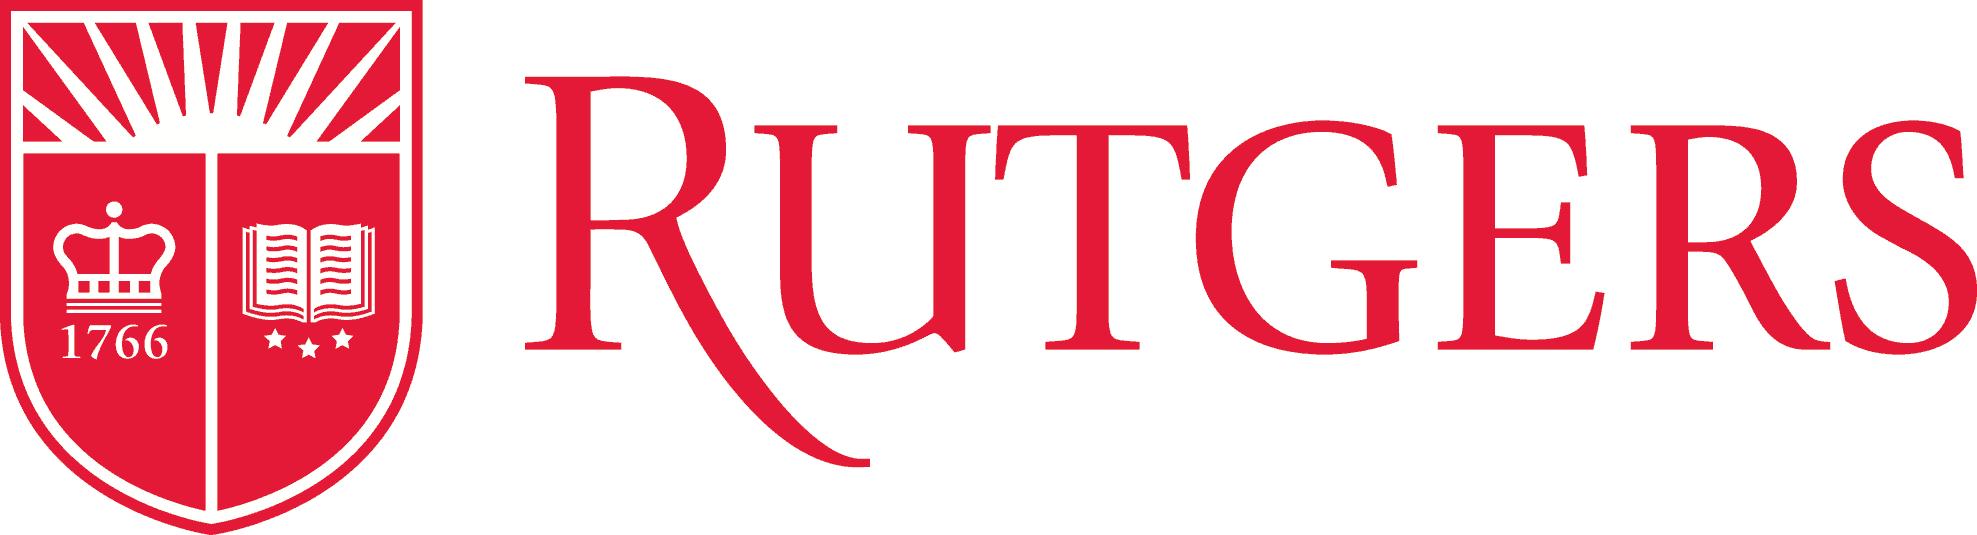 http://Rutgers-logo